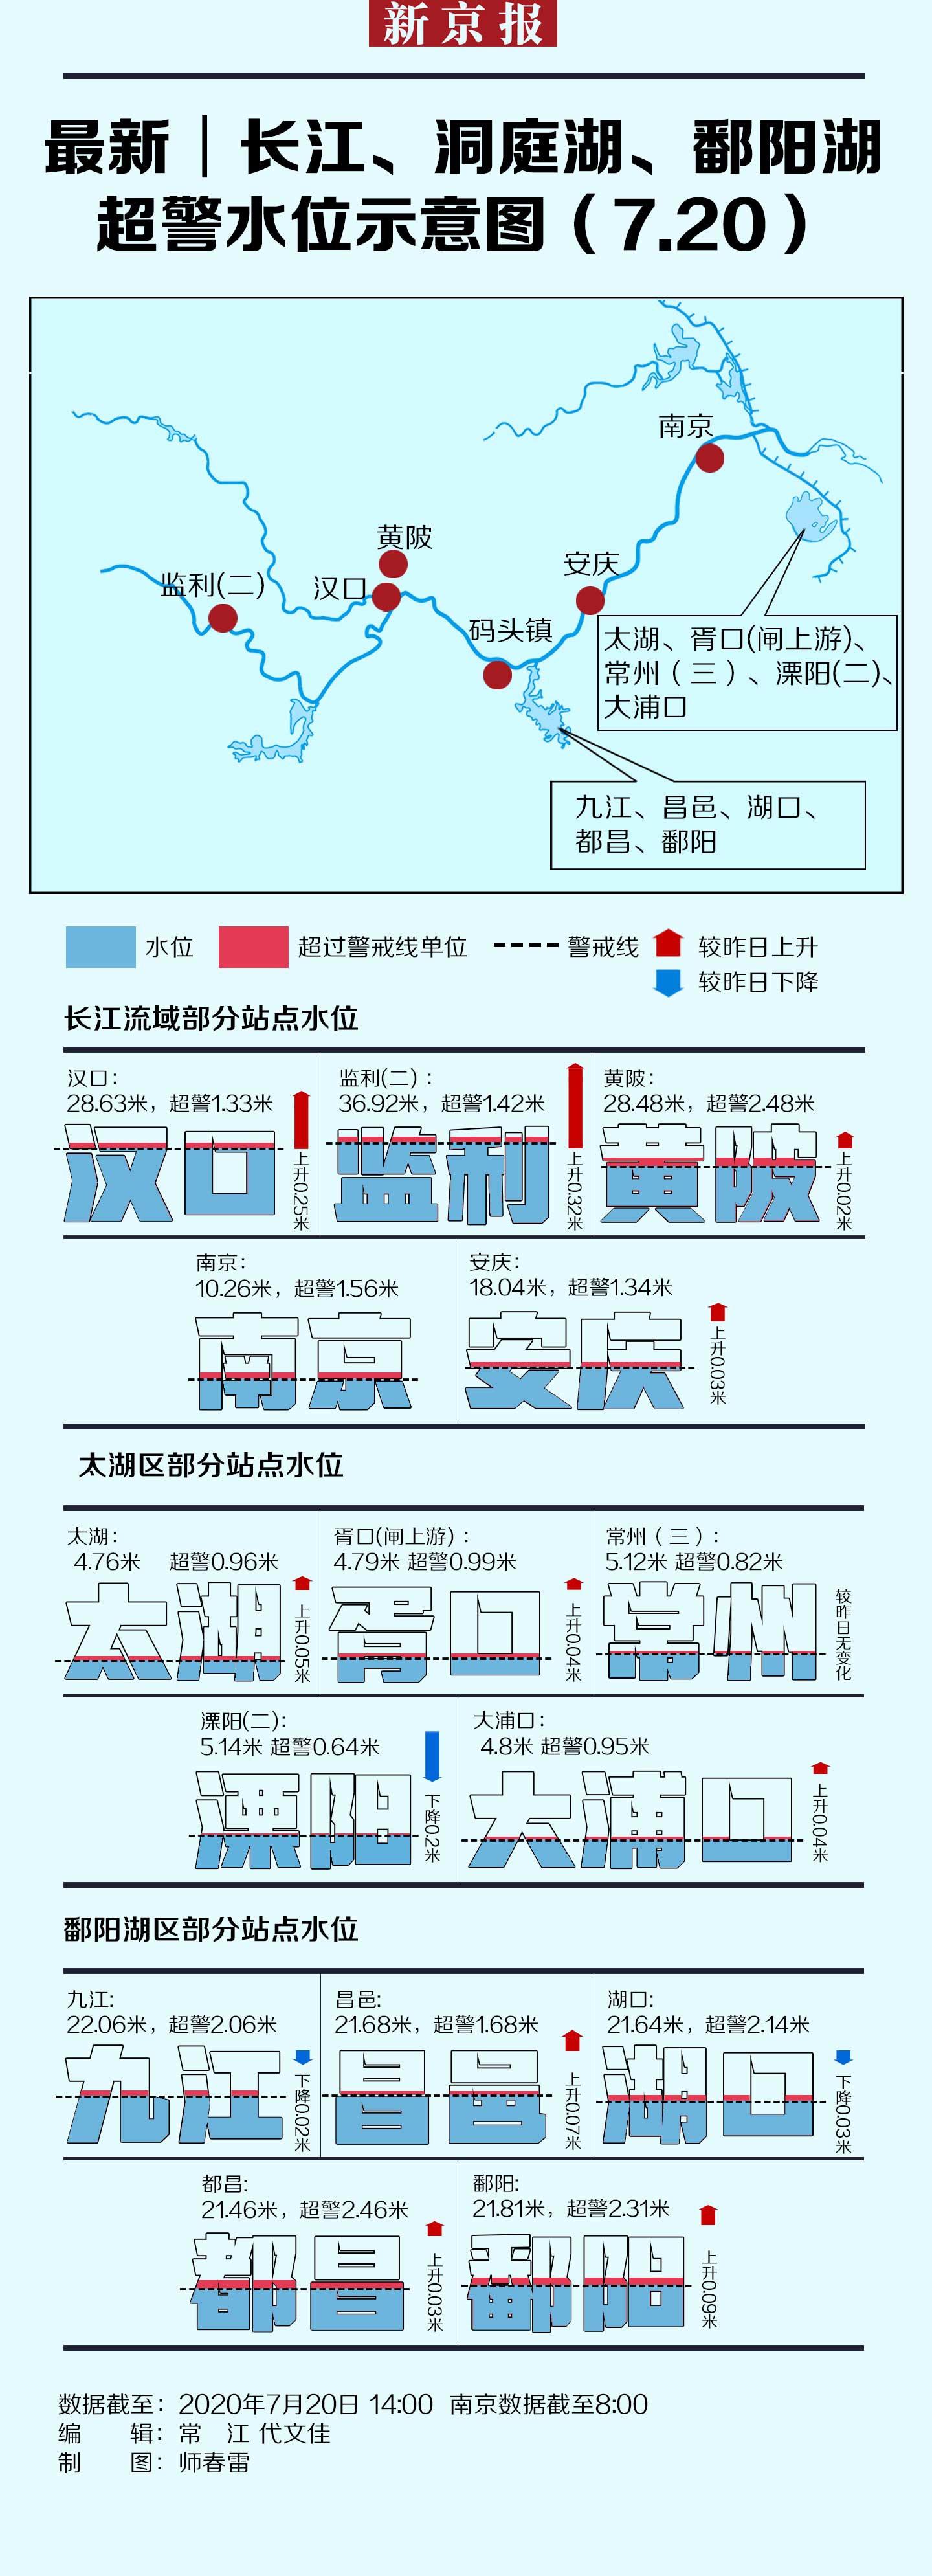 杏悦:最新长江太湖鄱阳湖超警水位示意图7杏悦20图片